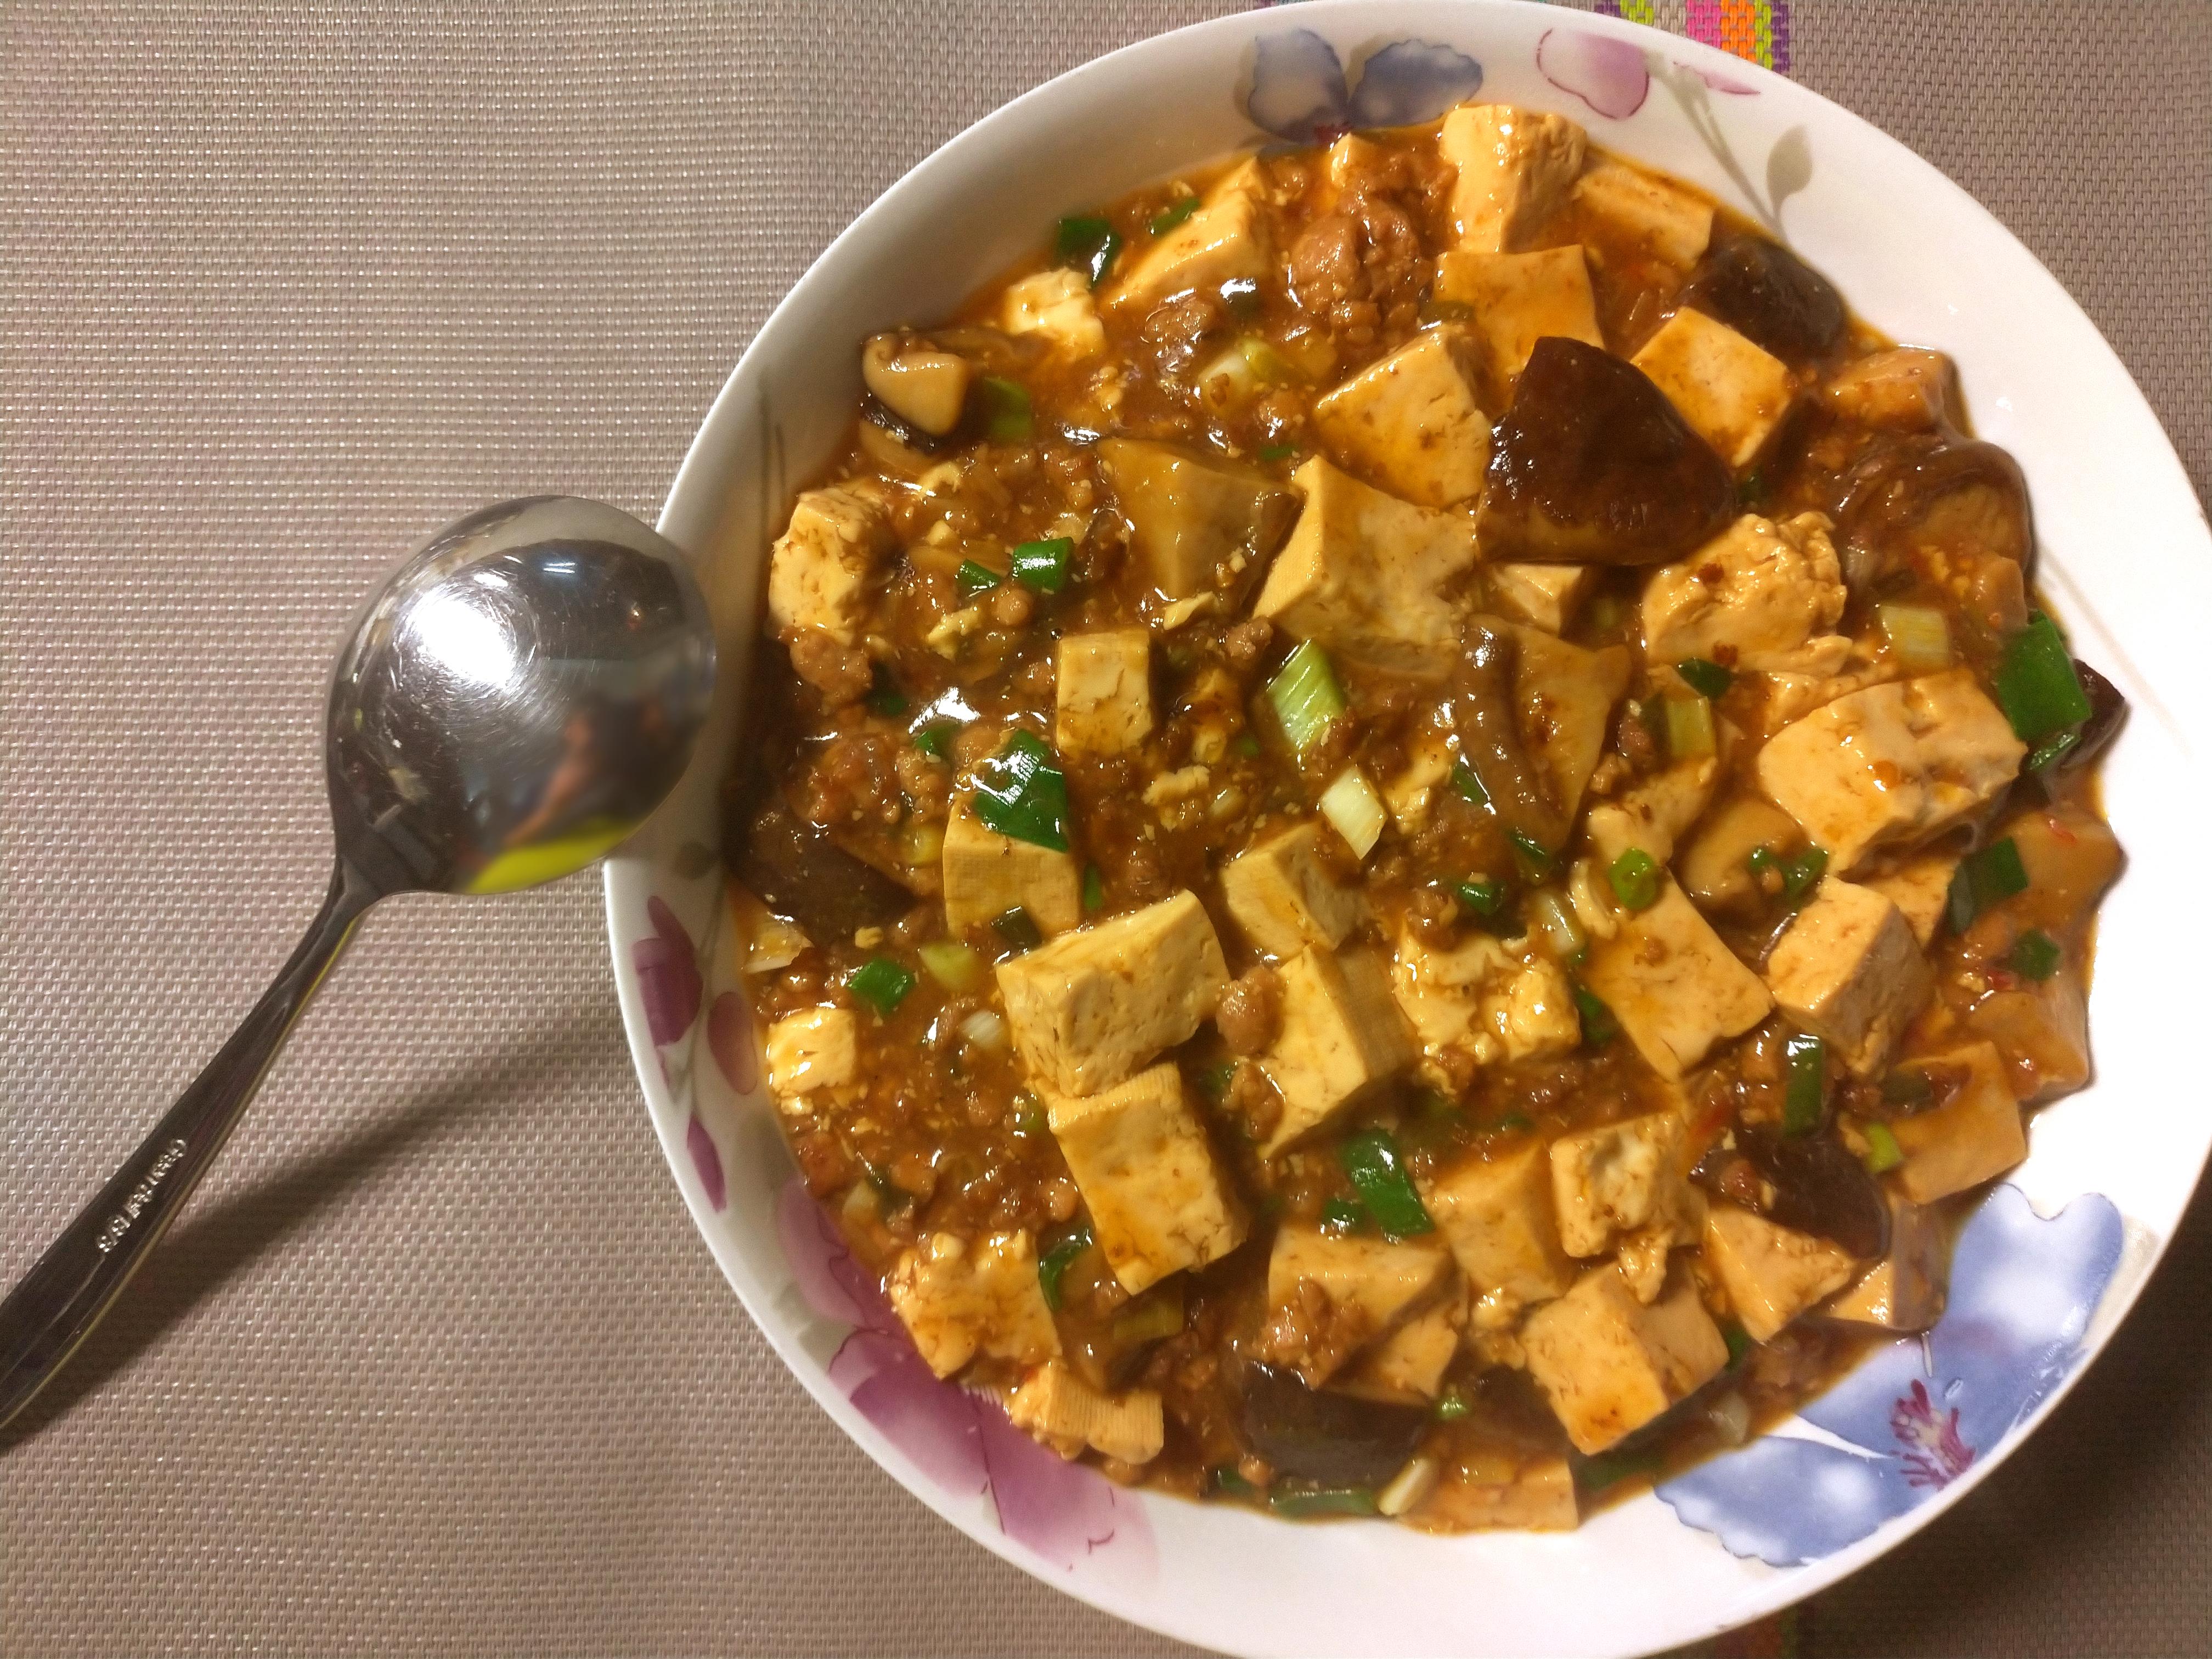 【川菜】白飯又盛三碗的「麻婆豆腐」